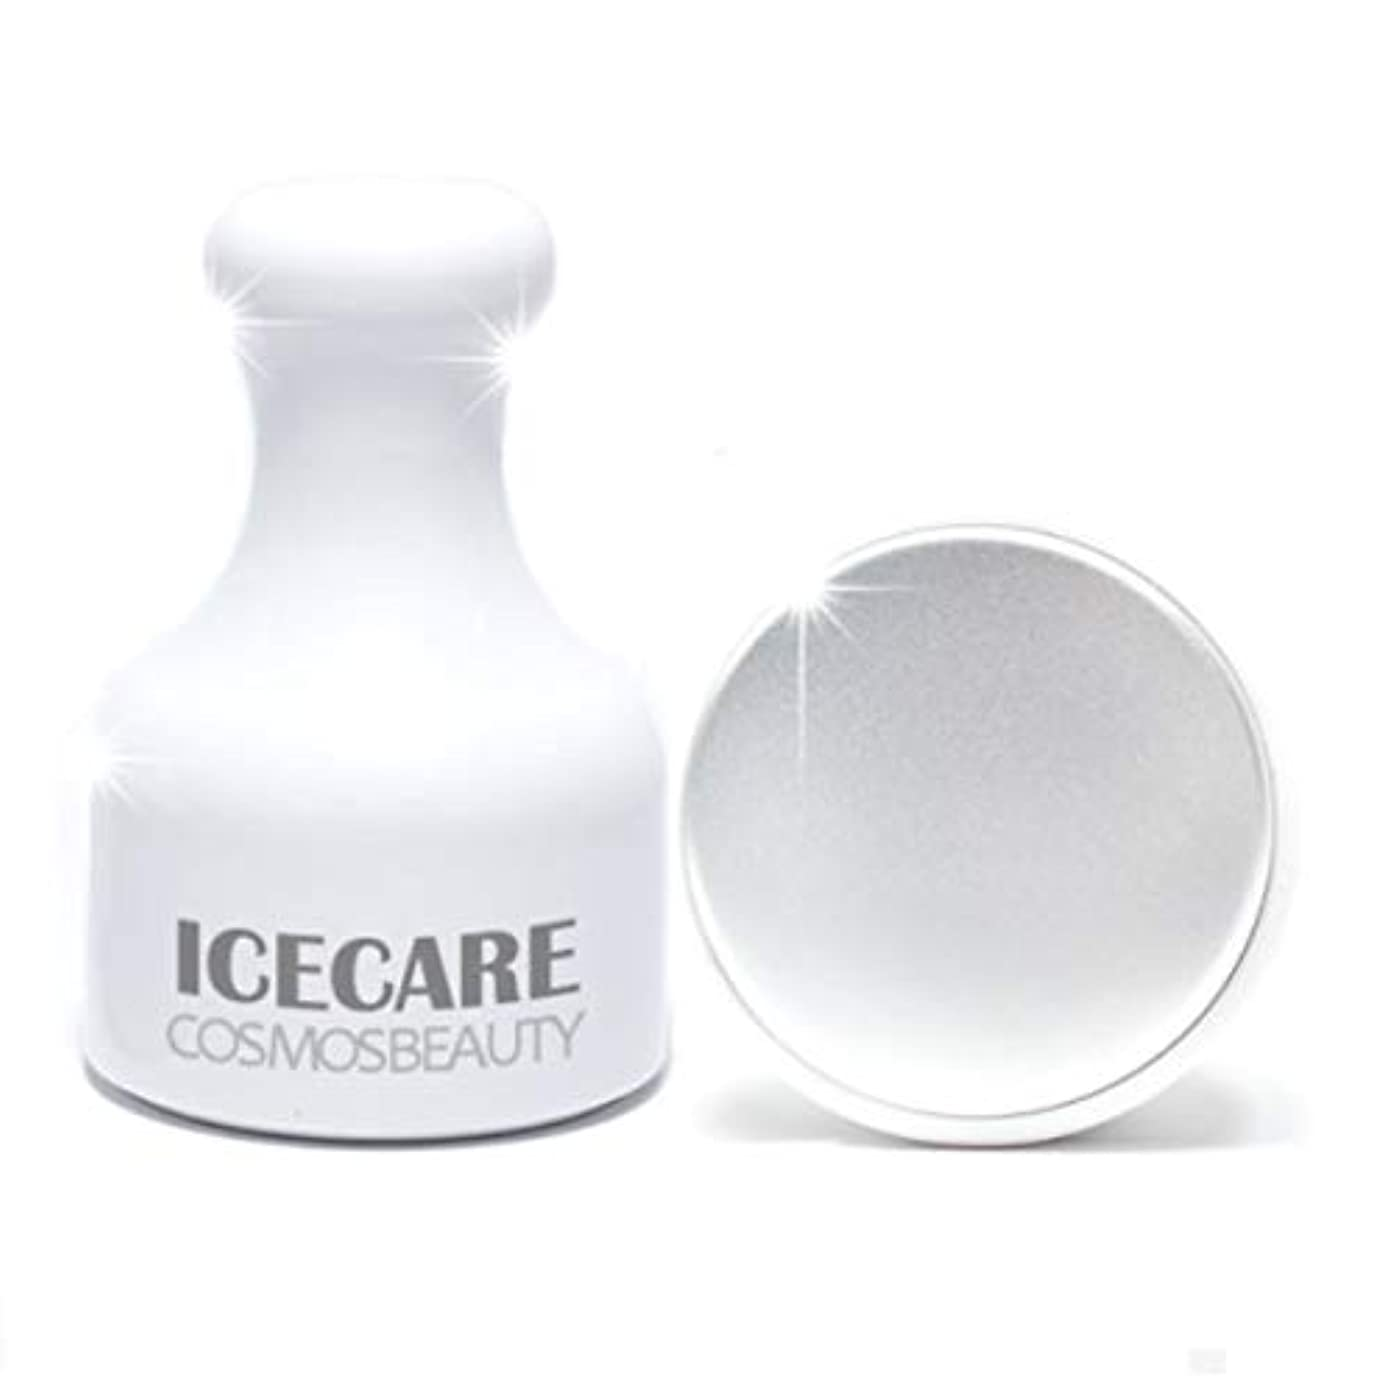 ビスケットプライバシー地域Cosmosbeauty Ice Care 毛穴ケア、冷マッサージ,フェイスクーラーアイスローラーフェイスローラー顔マッサージ機構の腫れ抜き方法毛穴縮小(海外直送品)